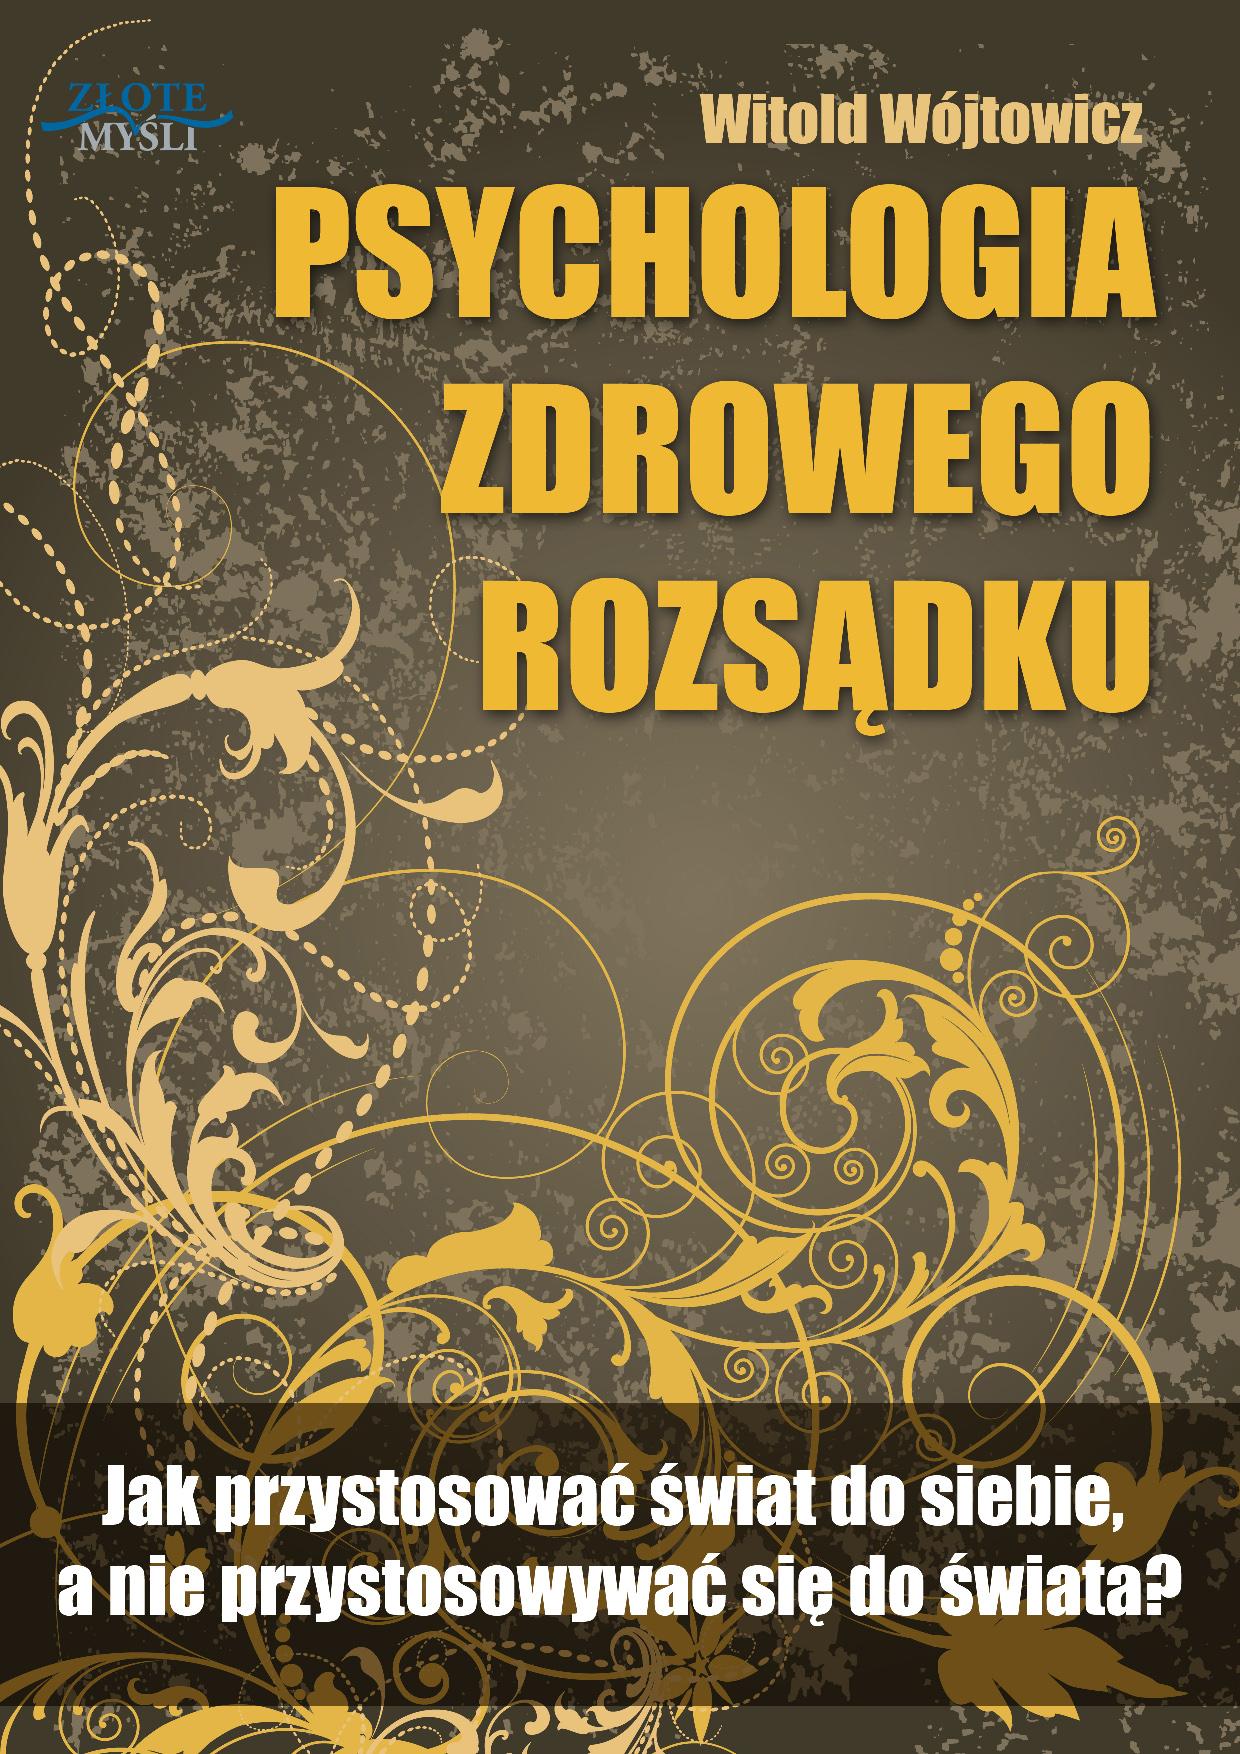 Witold Wójtowicz: Psychologia zdrowego rozsądku - okładka